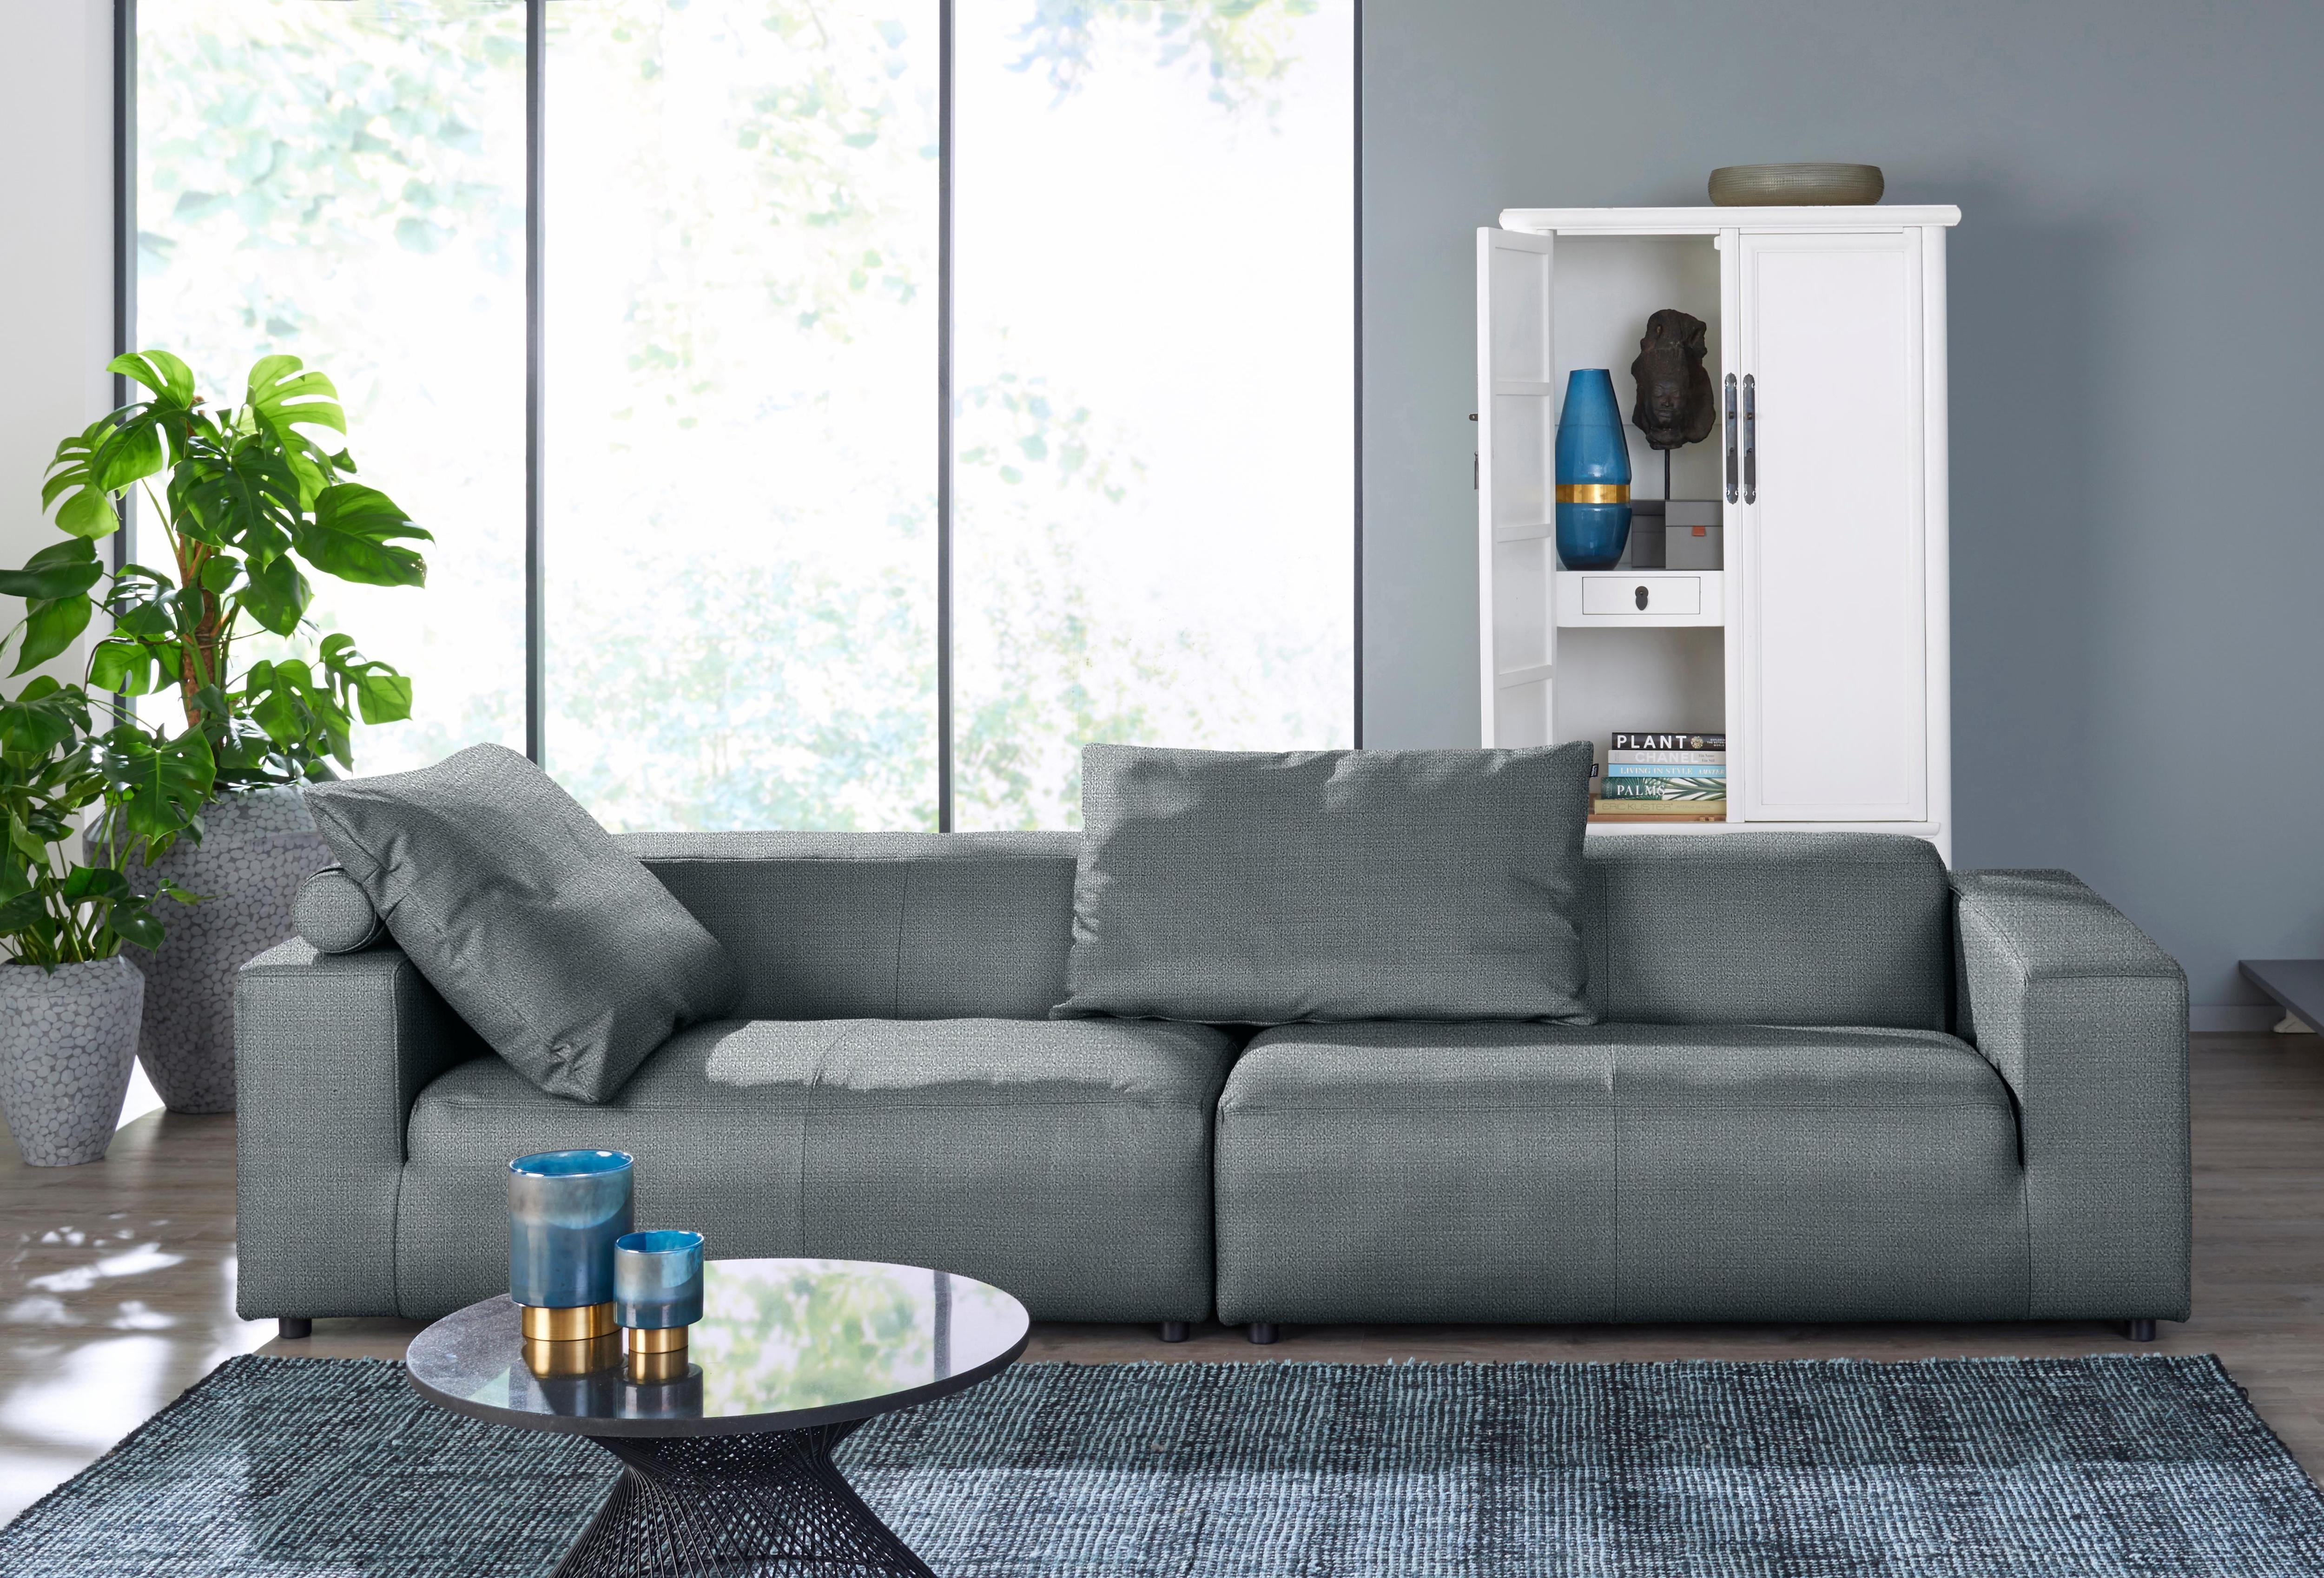 hülsta sofa Big-Sofa 4-Sitzer hs432 mit niedrigem Rücken | Wohnzimmer > Sofas & Couches > Bigsofas | Flachgewebe - Polyester - Leder | Hülsta Sofa